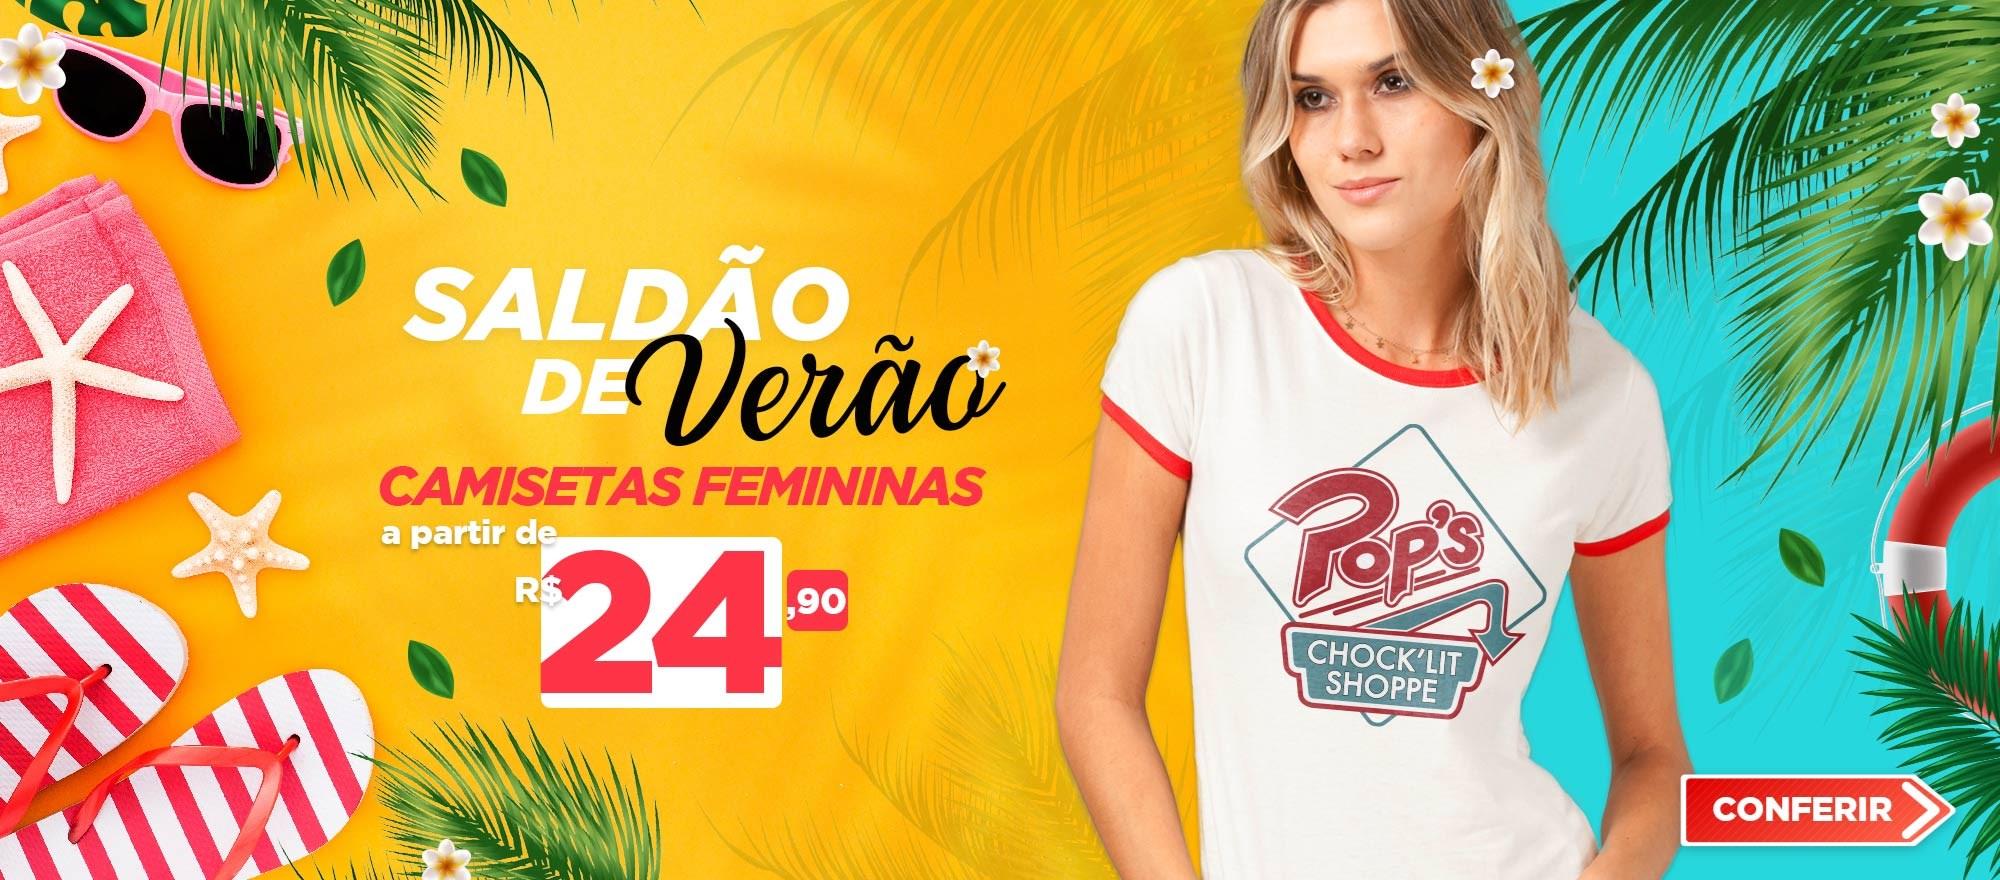 Camisetas Femininas Saldão de Verão 2021